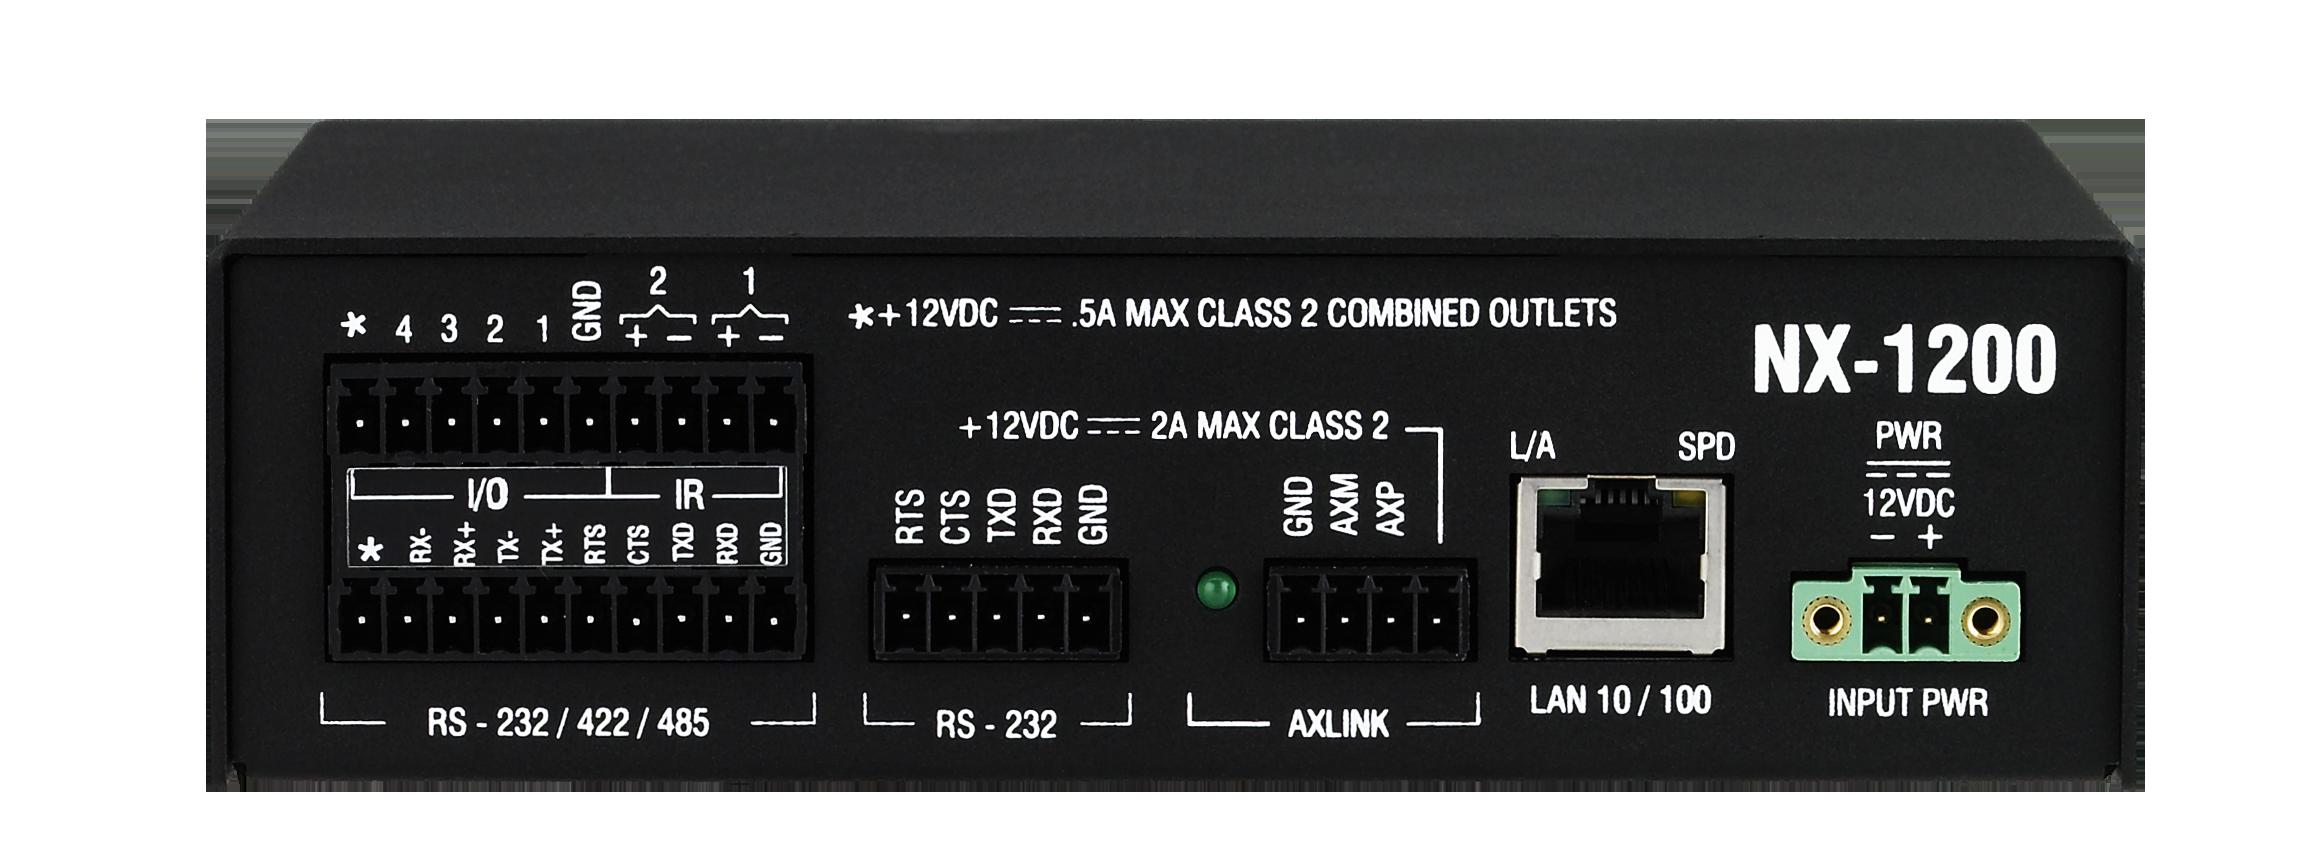 NX-1200 Rear High